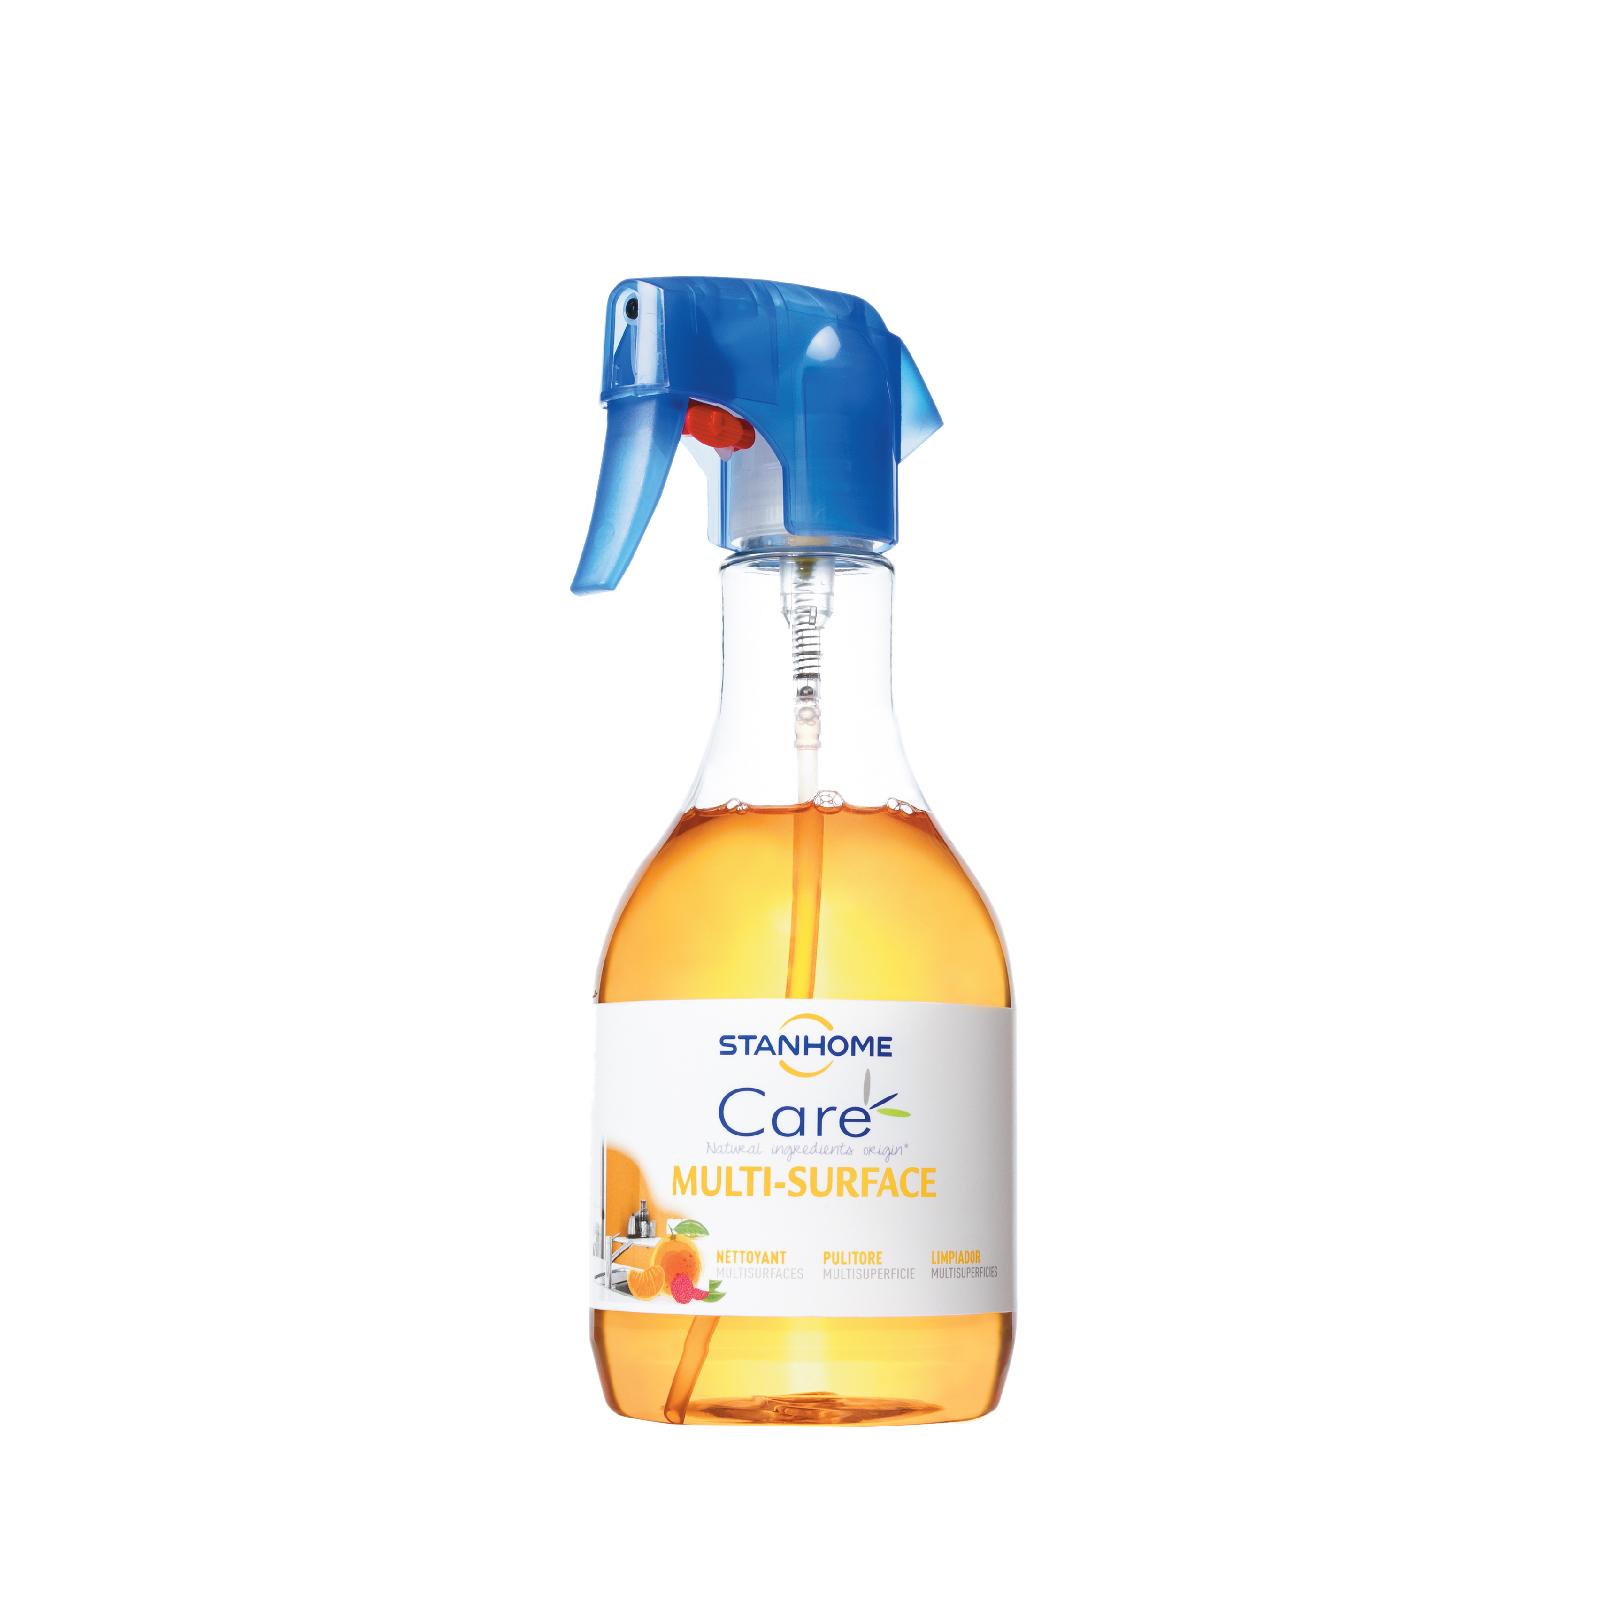 Xịt làm sạch đa năng cho da nhạy cảm hương quýt, vải Stanhome Multi Surface Care Mandarine & Litchi 500ml